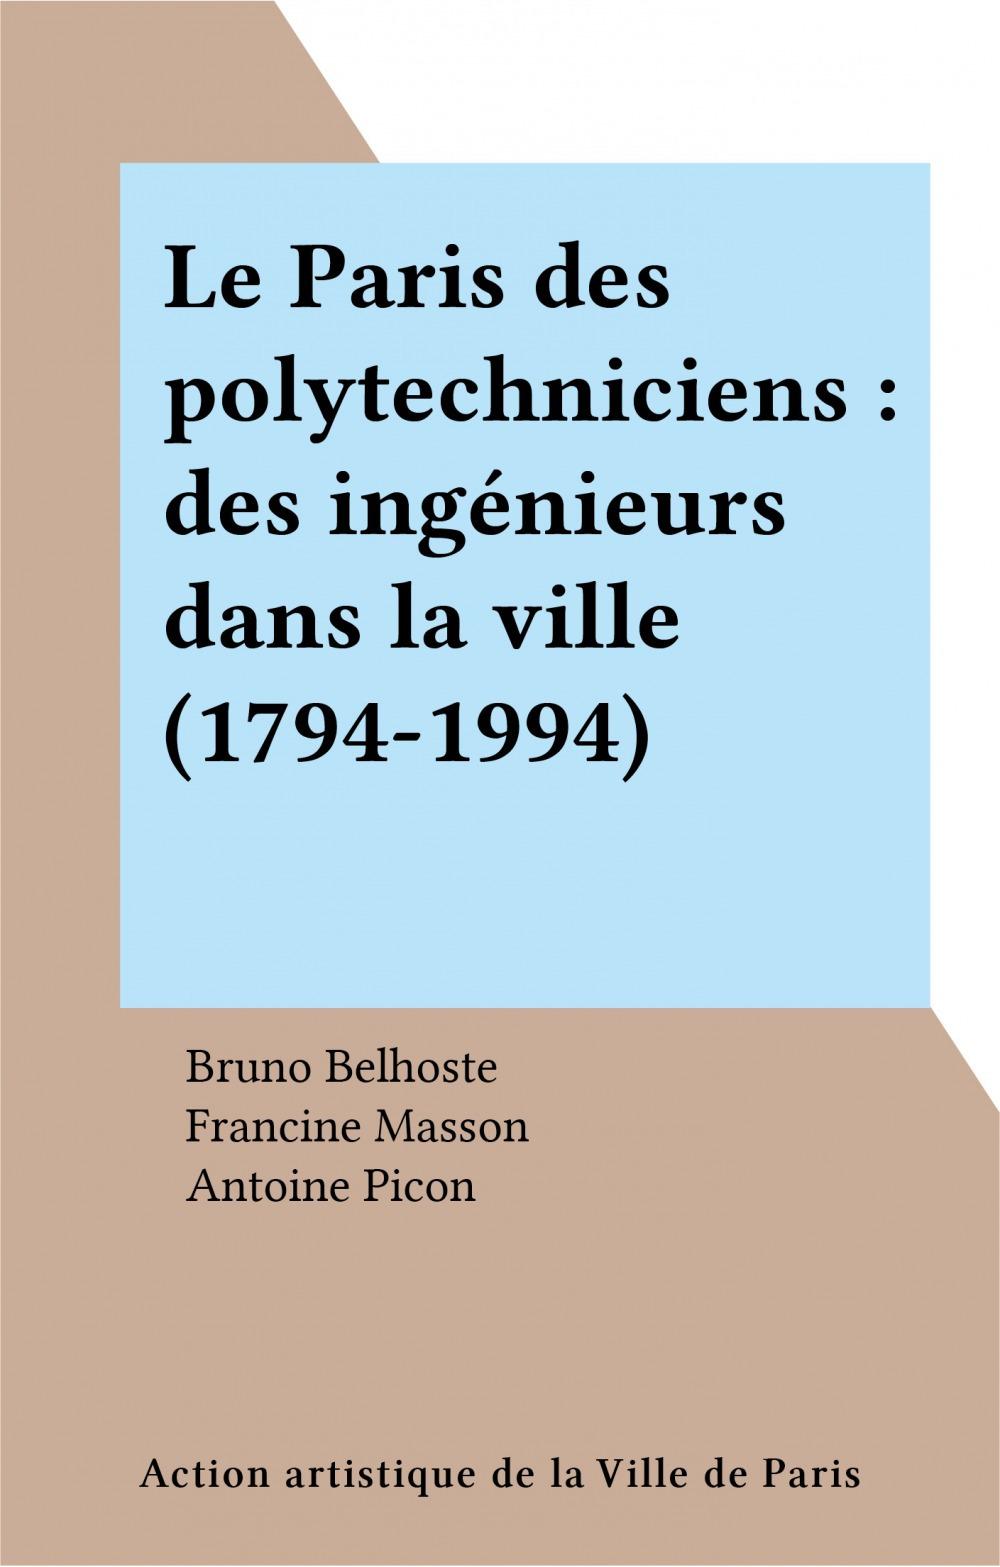 Le Paris des polytechniciens : des ingénieurs dans la ville (1794-1994)